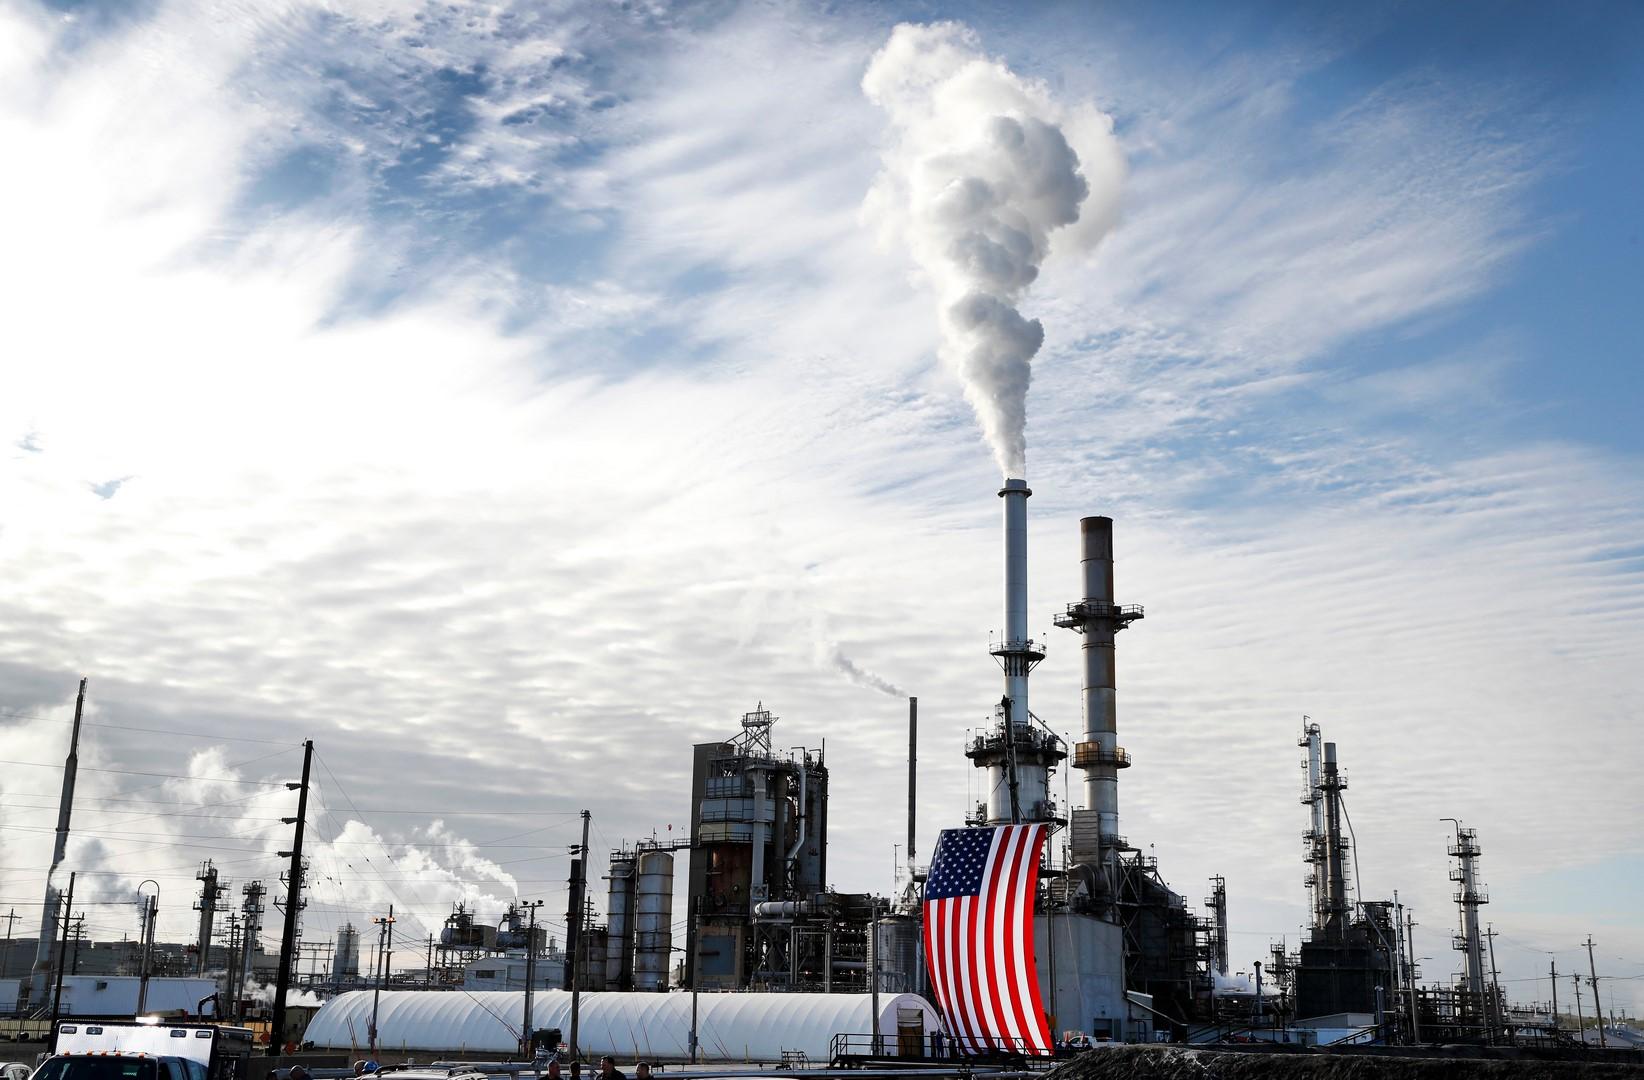 El precio del petróleo se dispara tras dudas sobre acuerdo con Irán